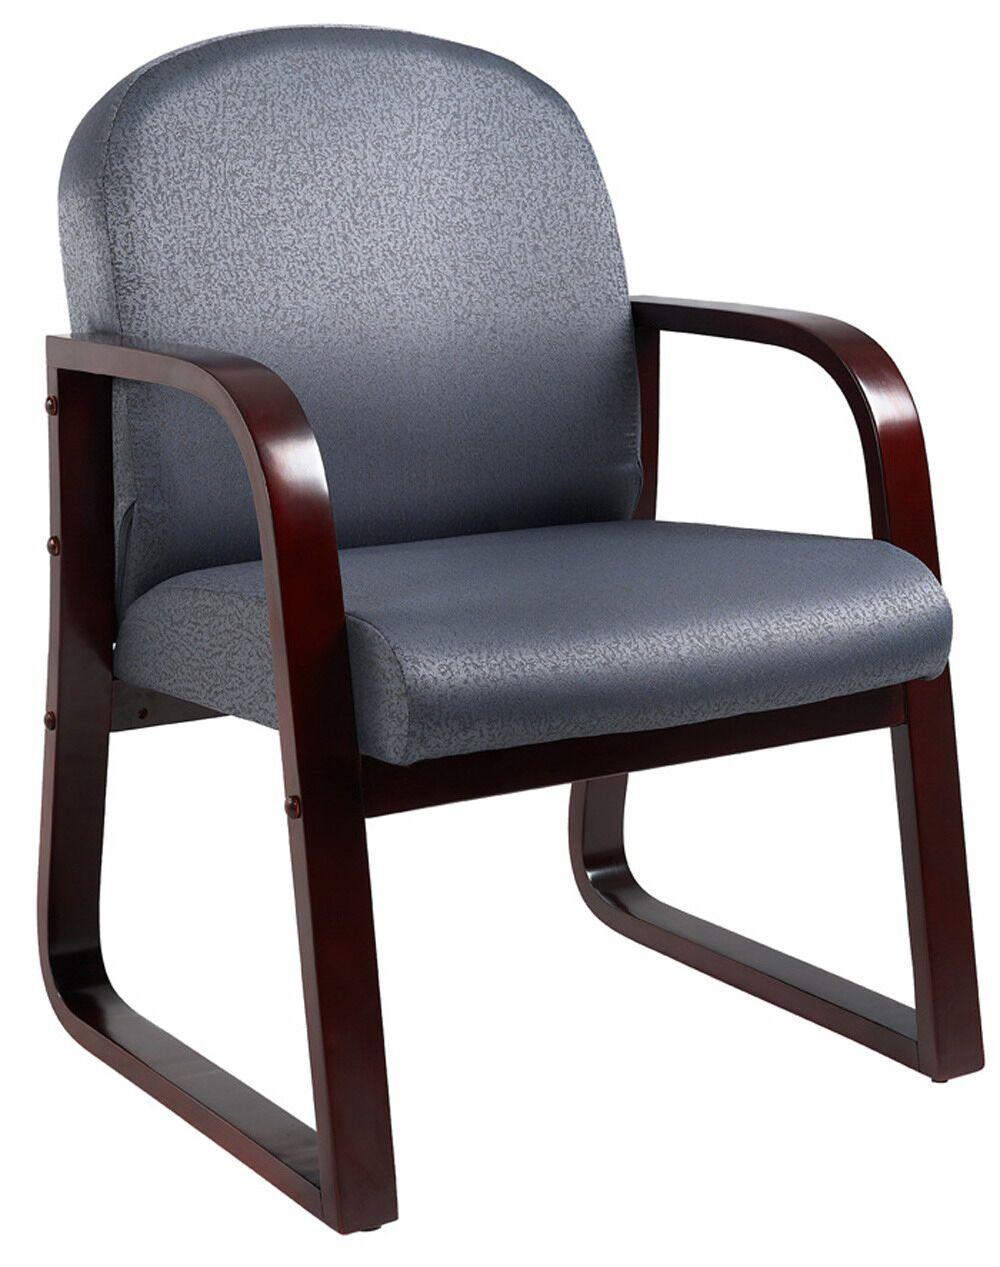 Kathi Reception Arm Chair Fabric: Gray, Finish: Mahogany